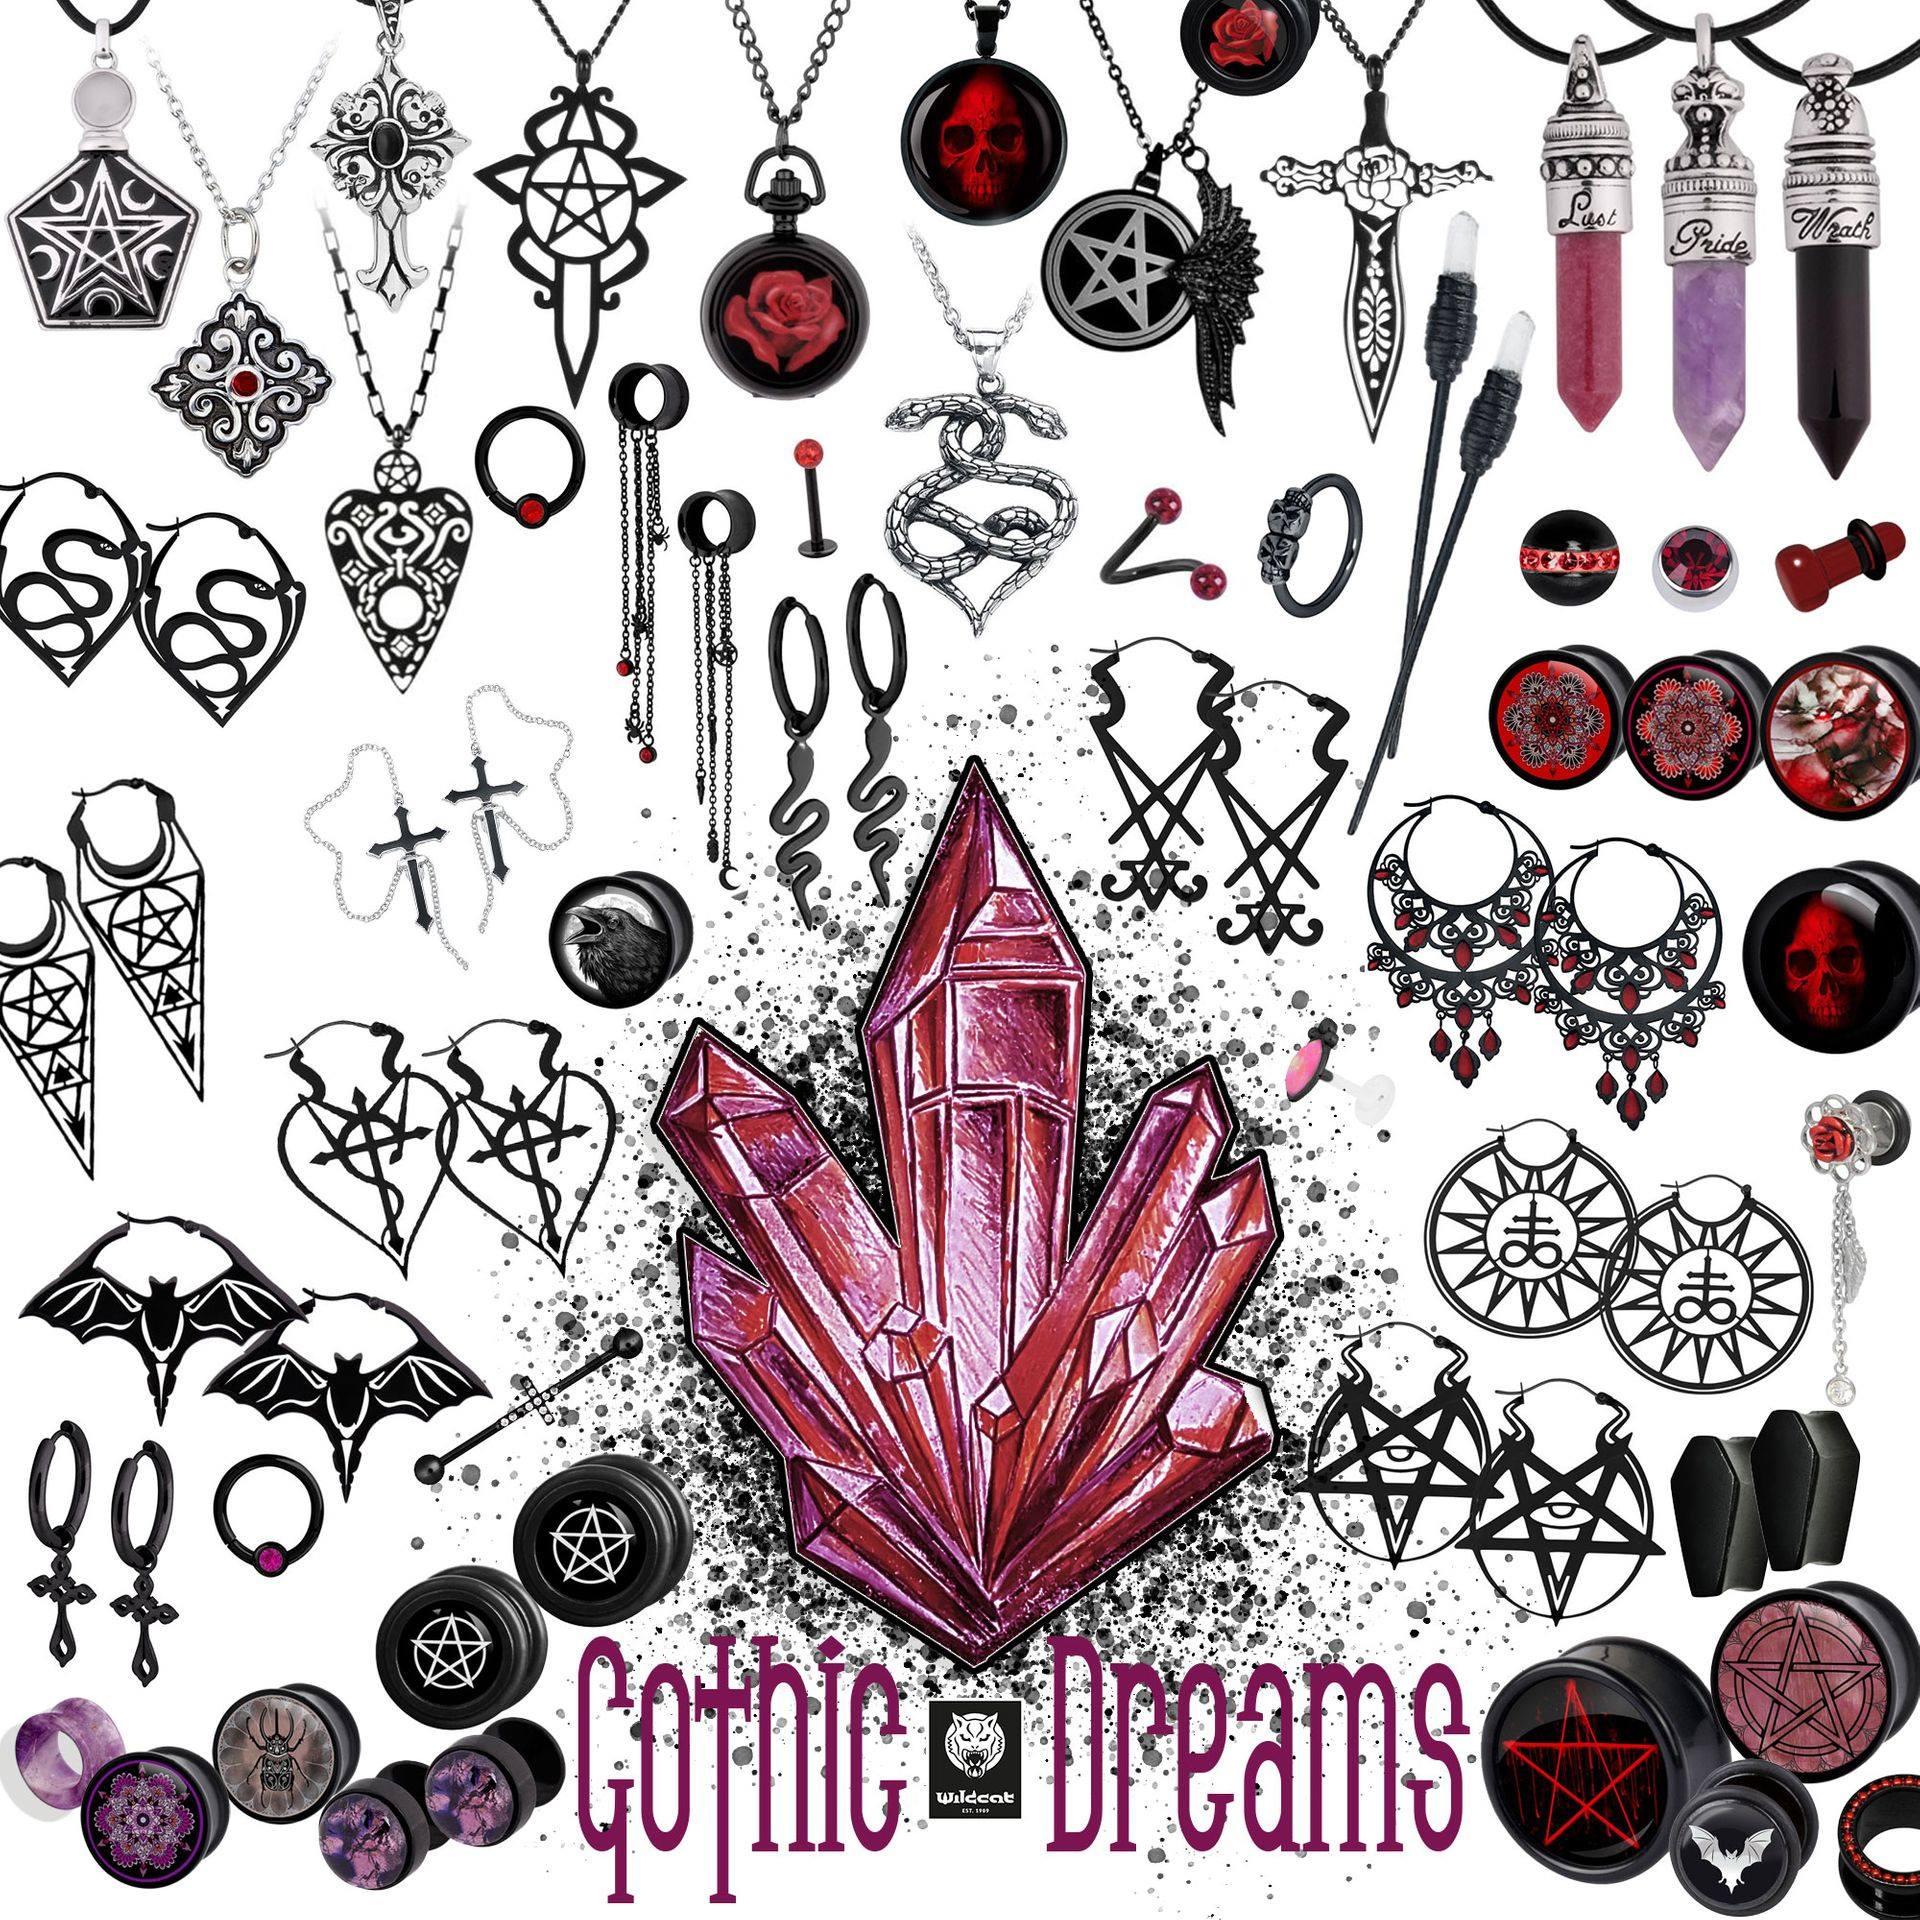 #GothicDreams - Ein Traum für alle Gothen unter Euch - Hier findet ihr alles was